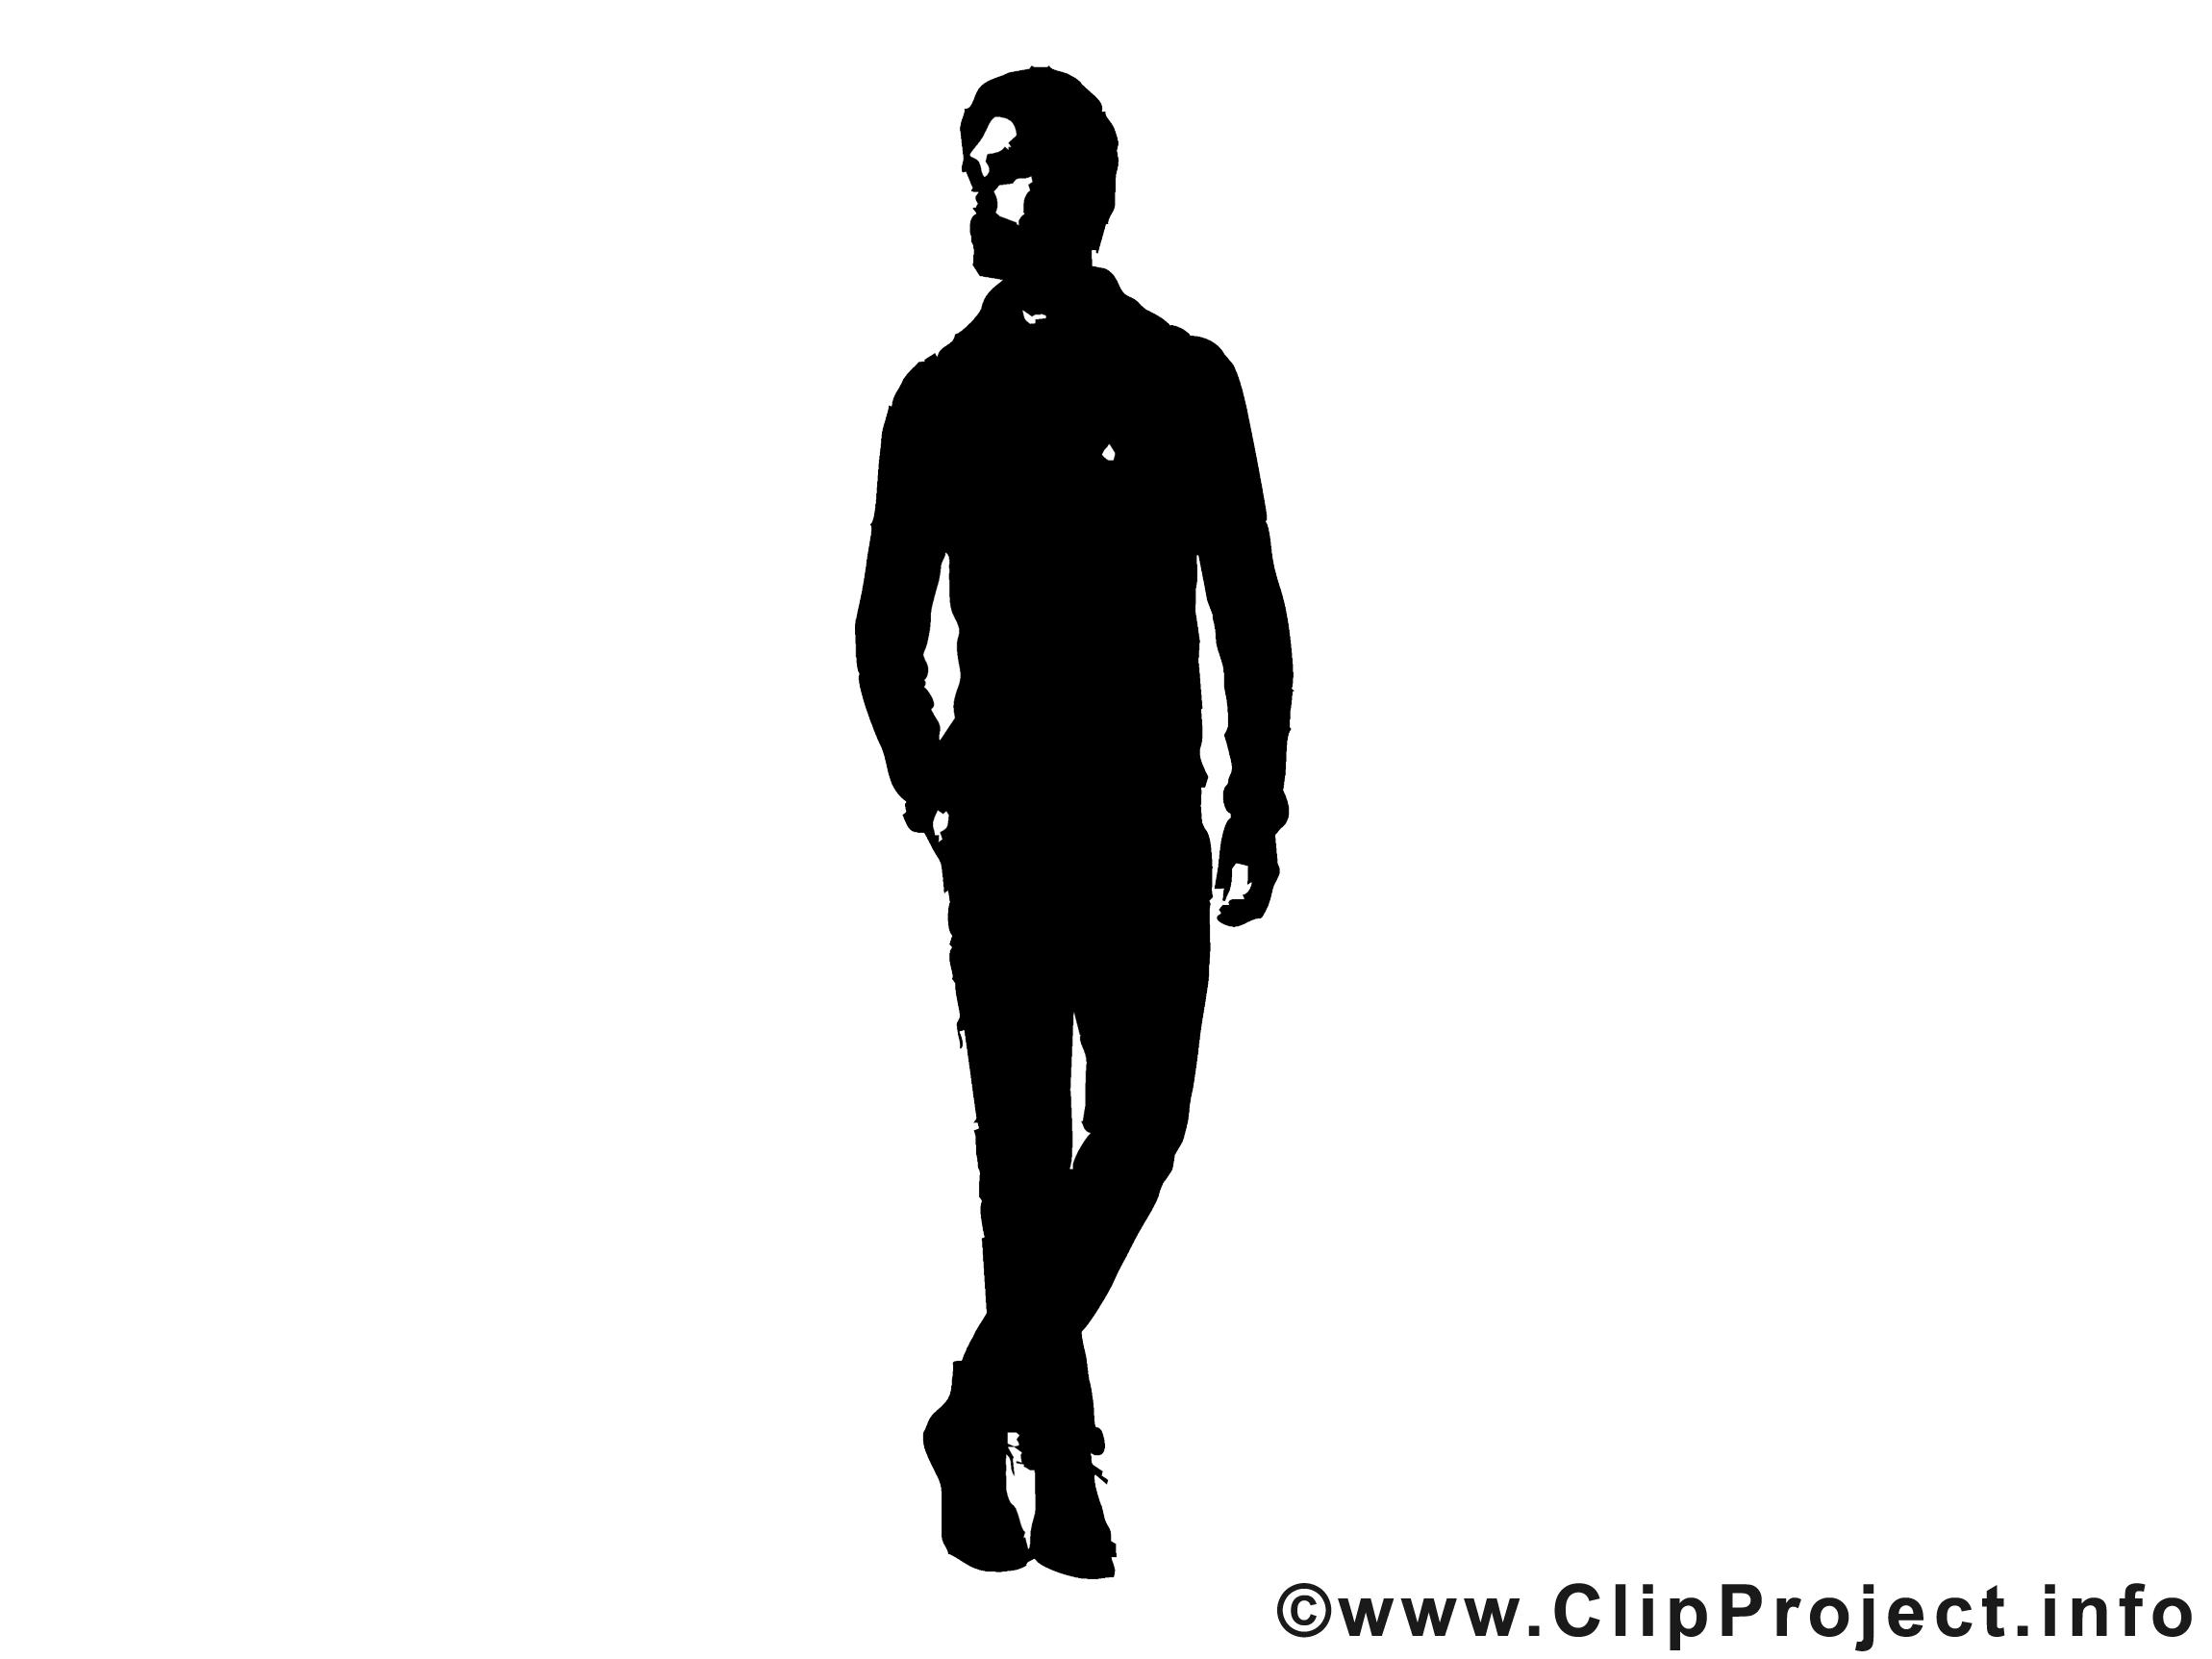 Clip gratuit pour homme nu